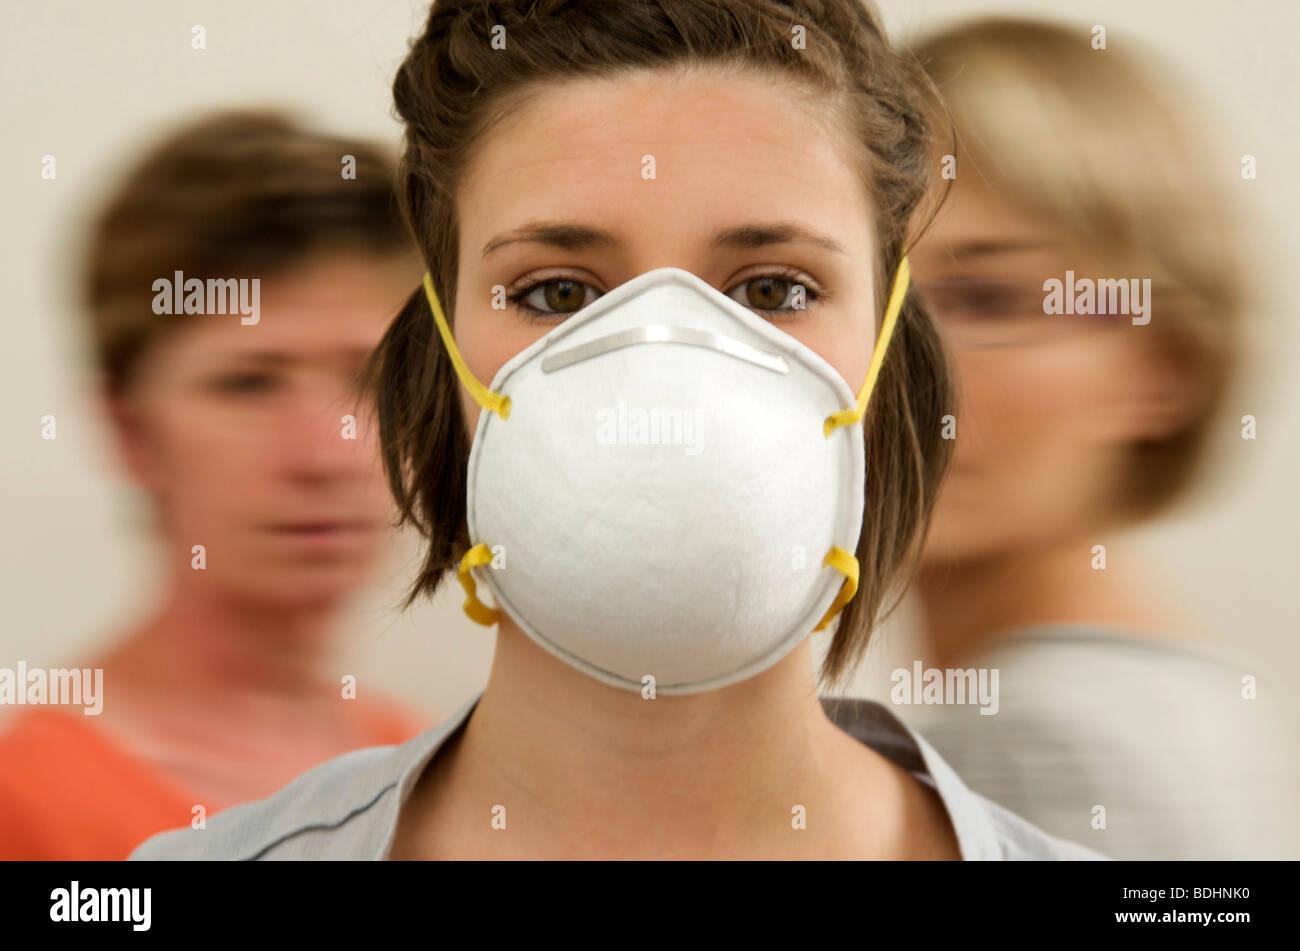 Le donne indossano influenza chirurgico / virus SARS / maschera di inquinamento Immagini Stock